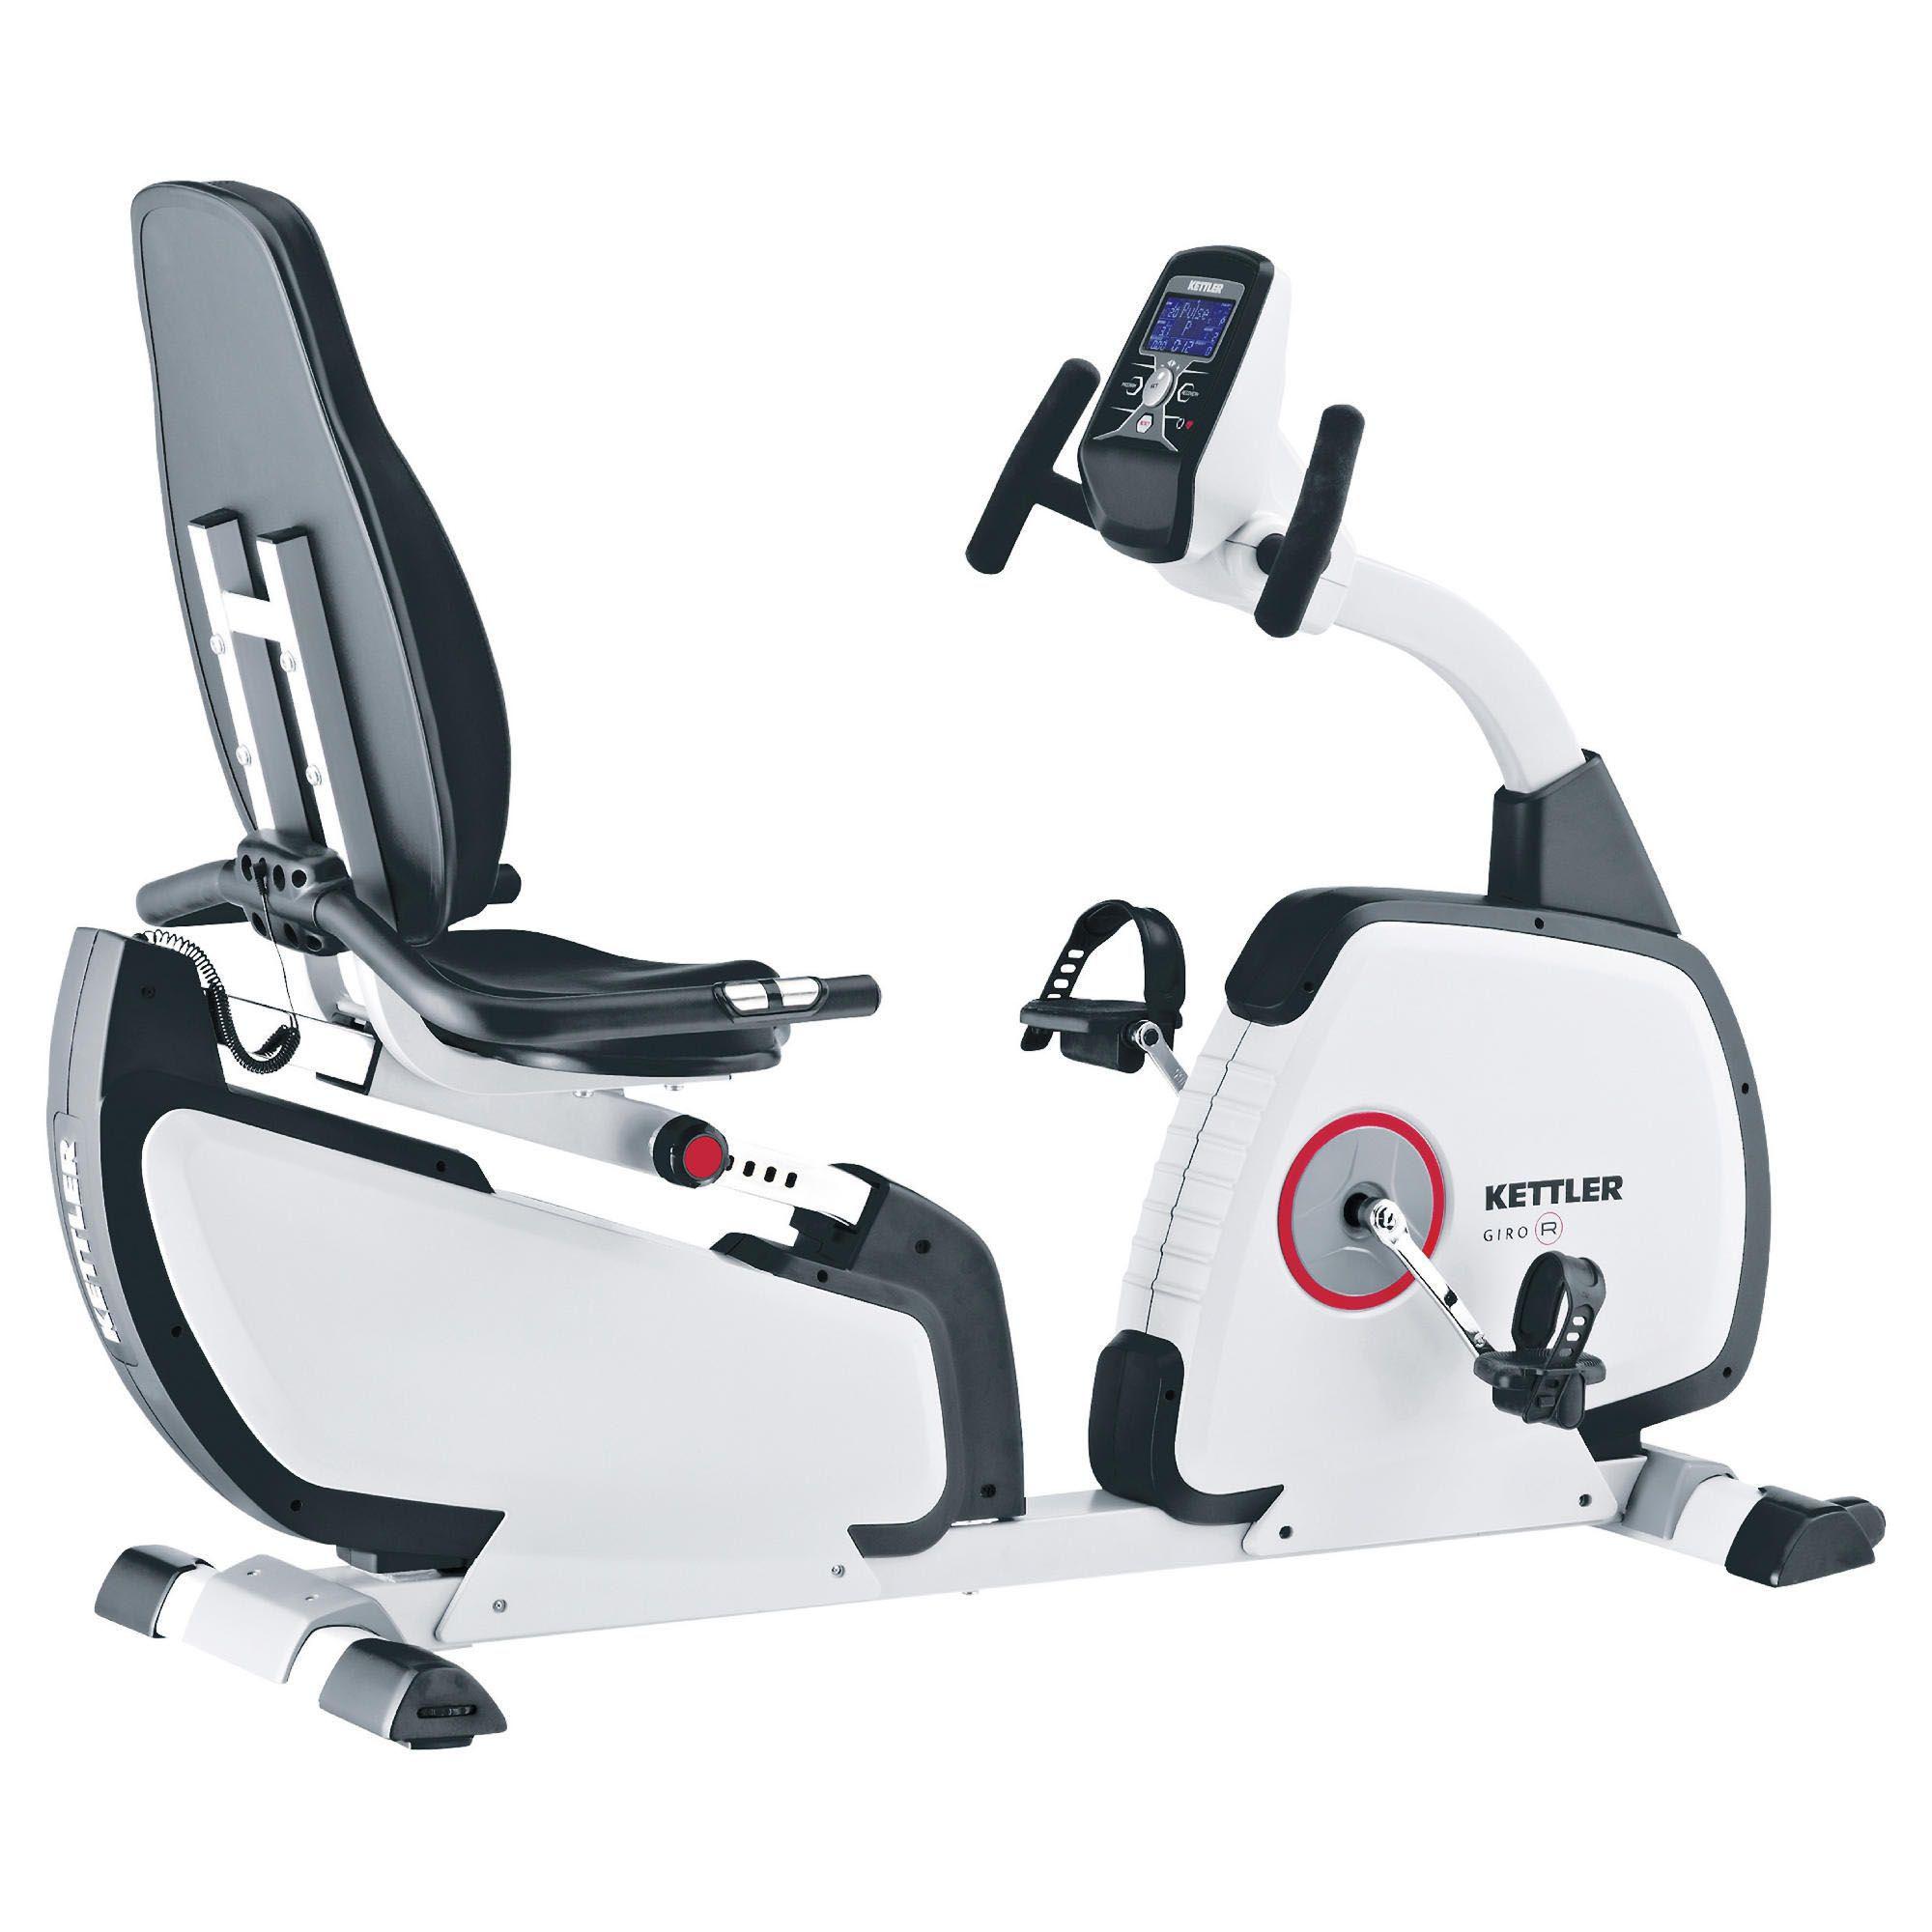 Kettler Giro R Recumbent Exercise Bike 2014